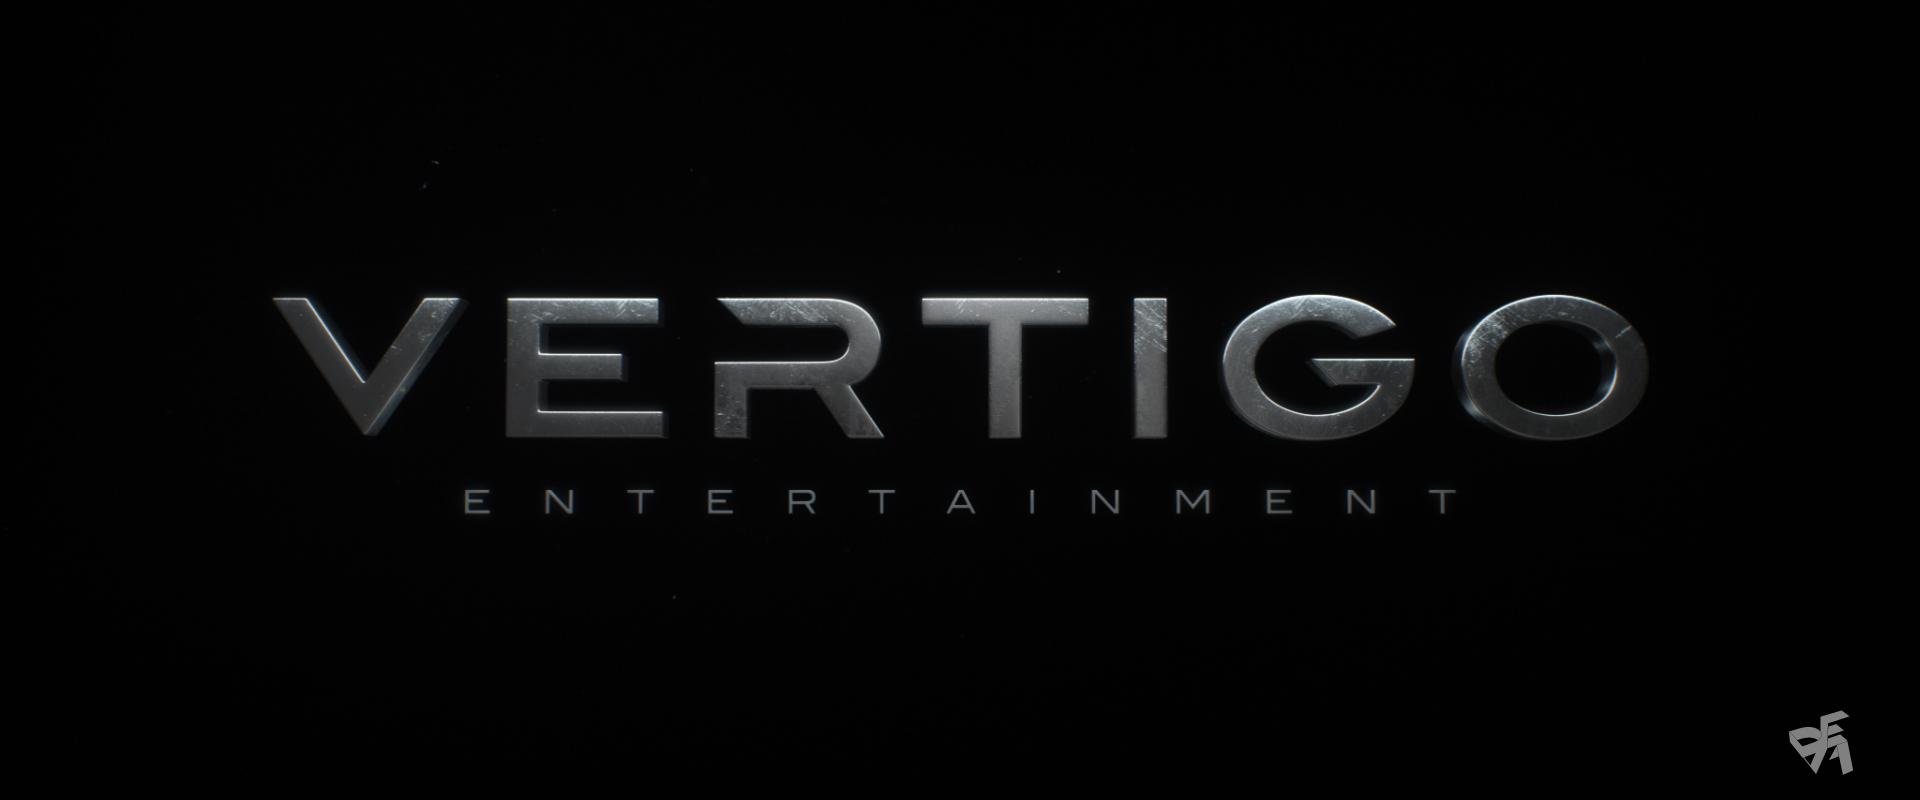 Vertigo-STYLEFRAME_01.jpg